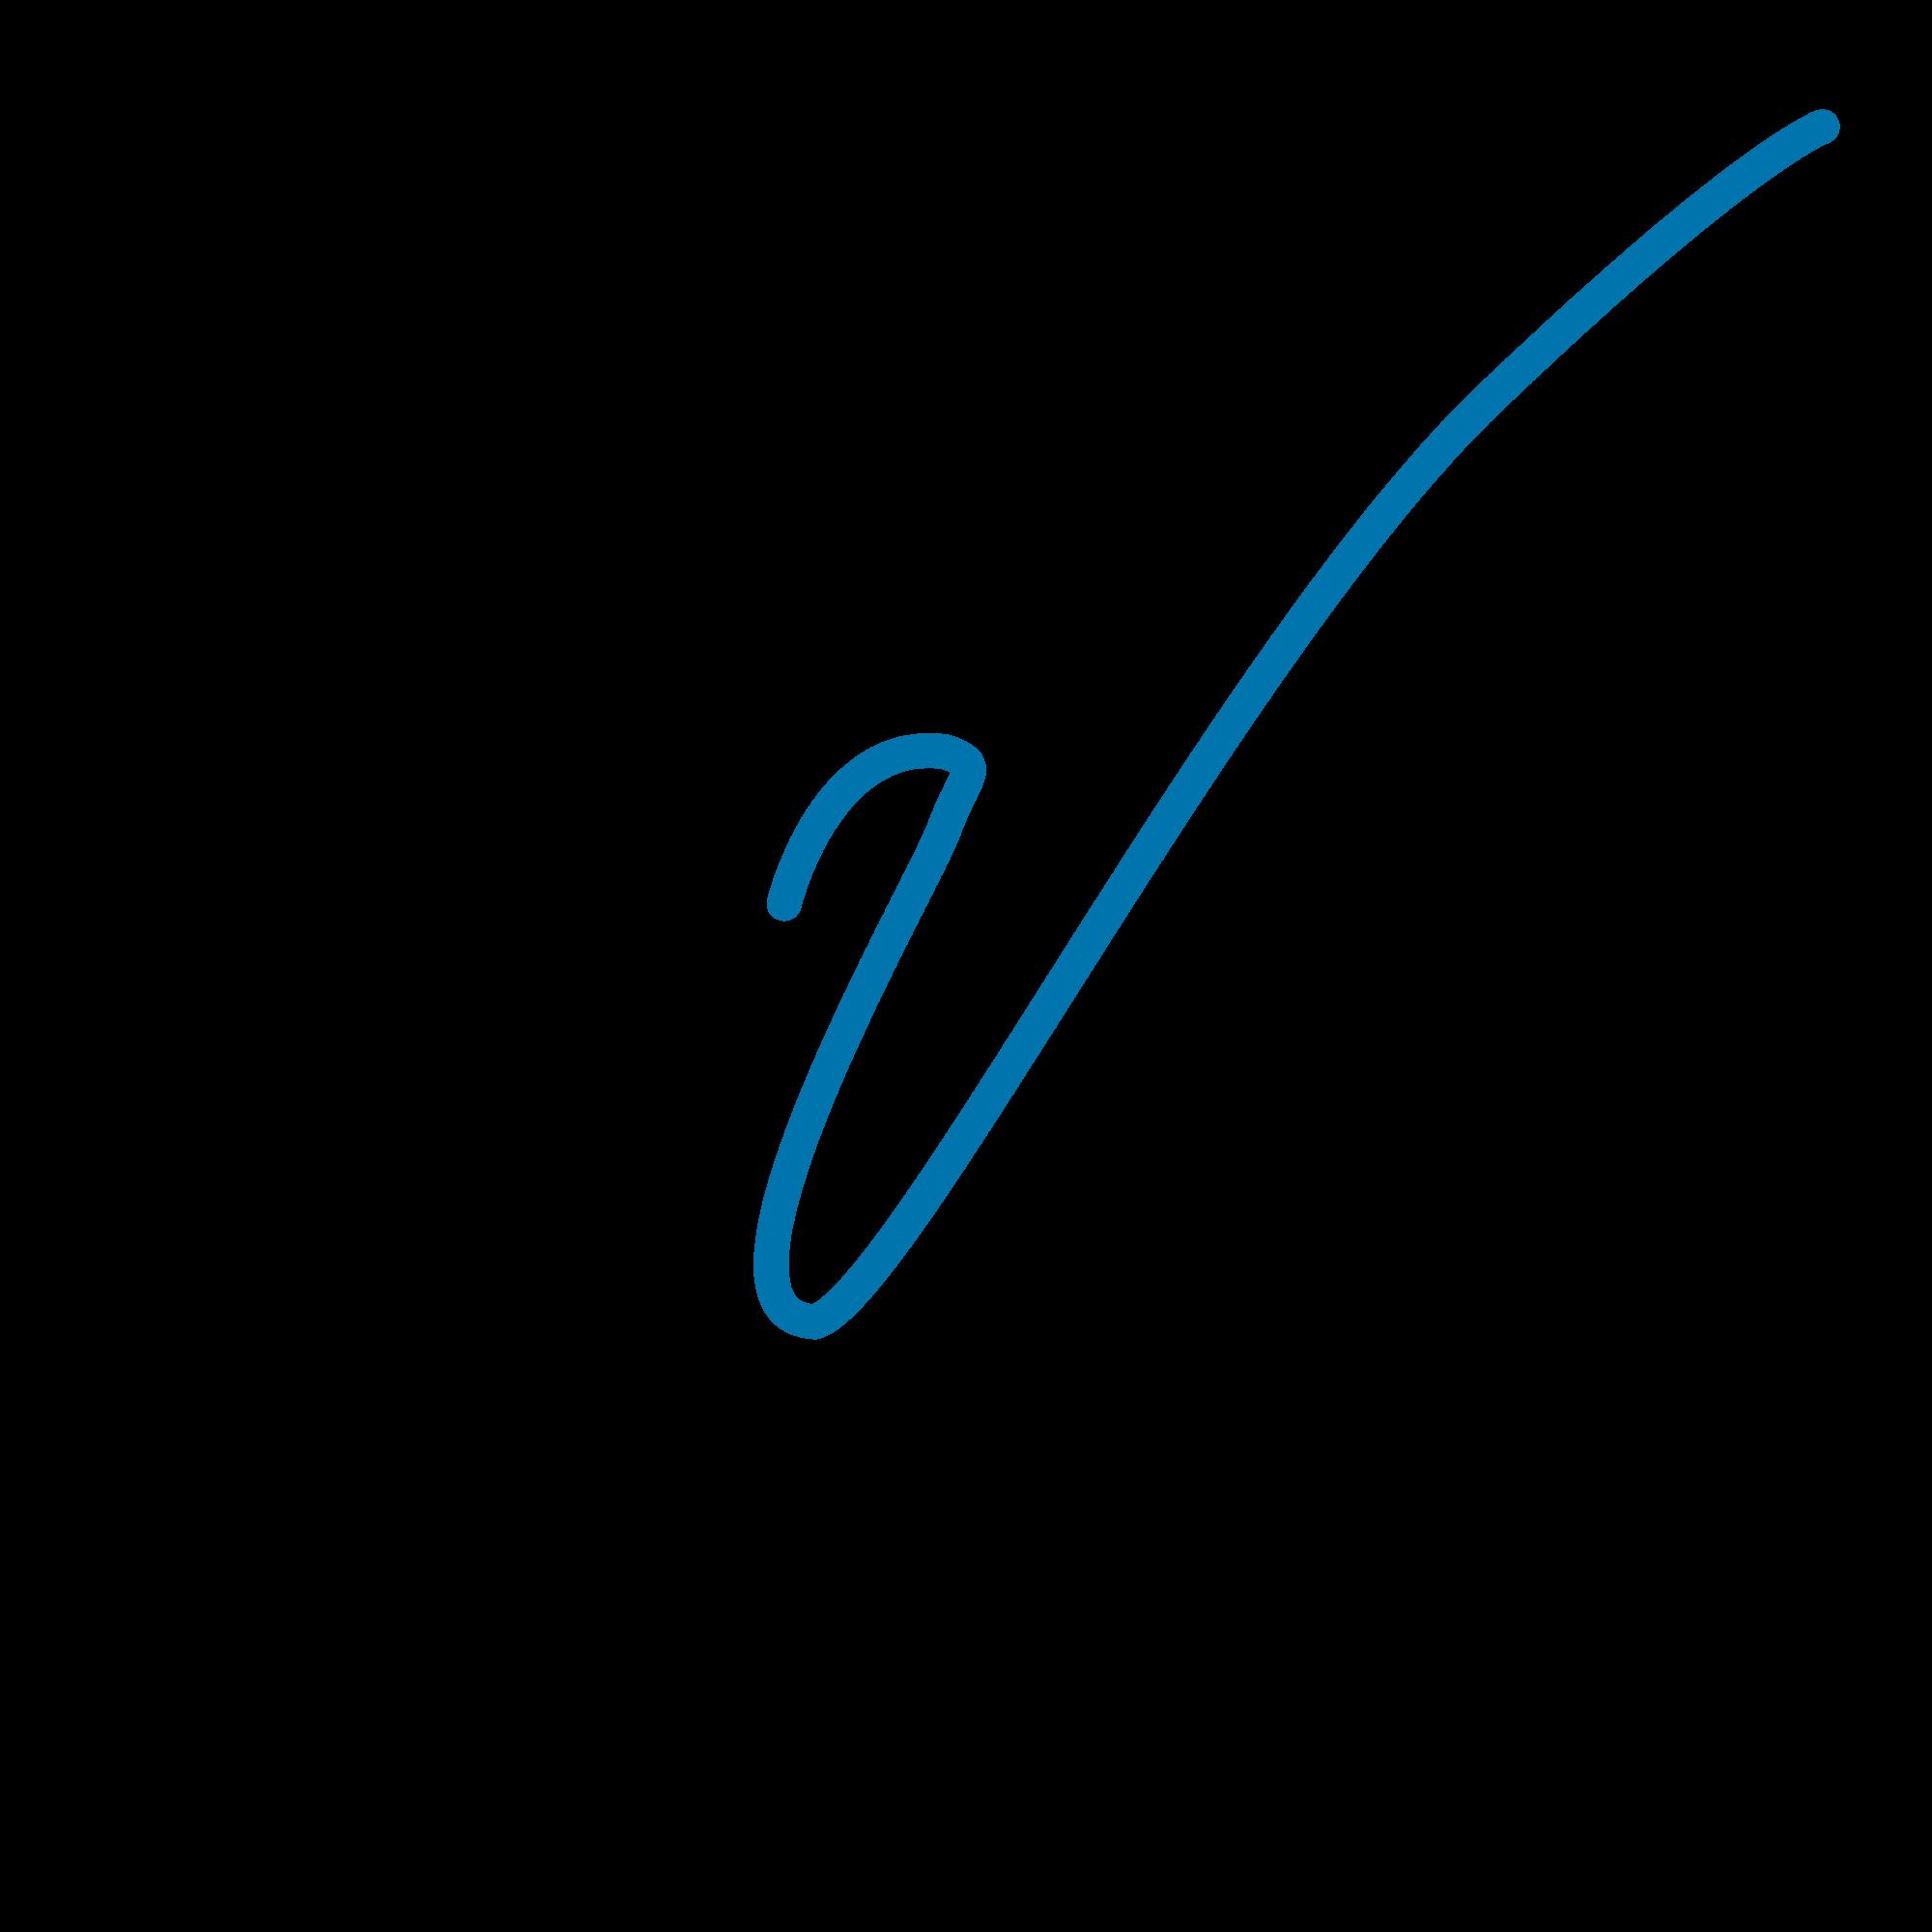 Maroquinerie B. SennEVille - L'Escale des Créateurs